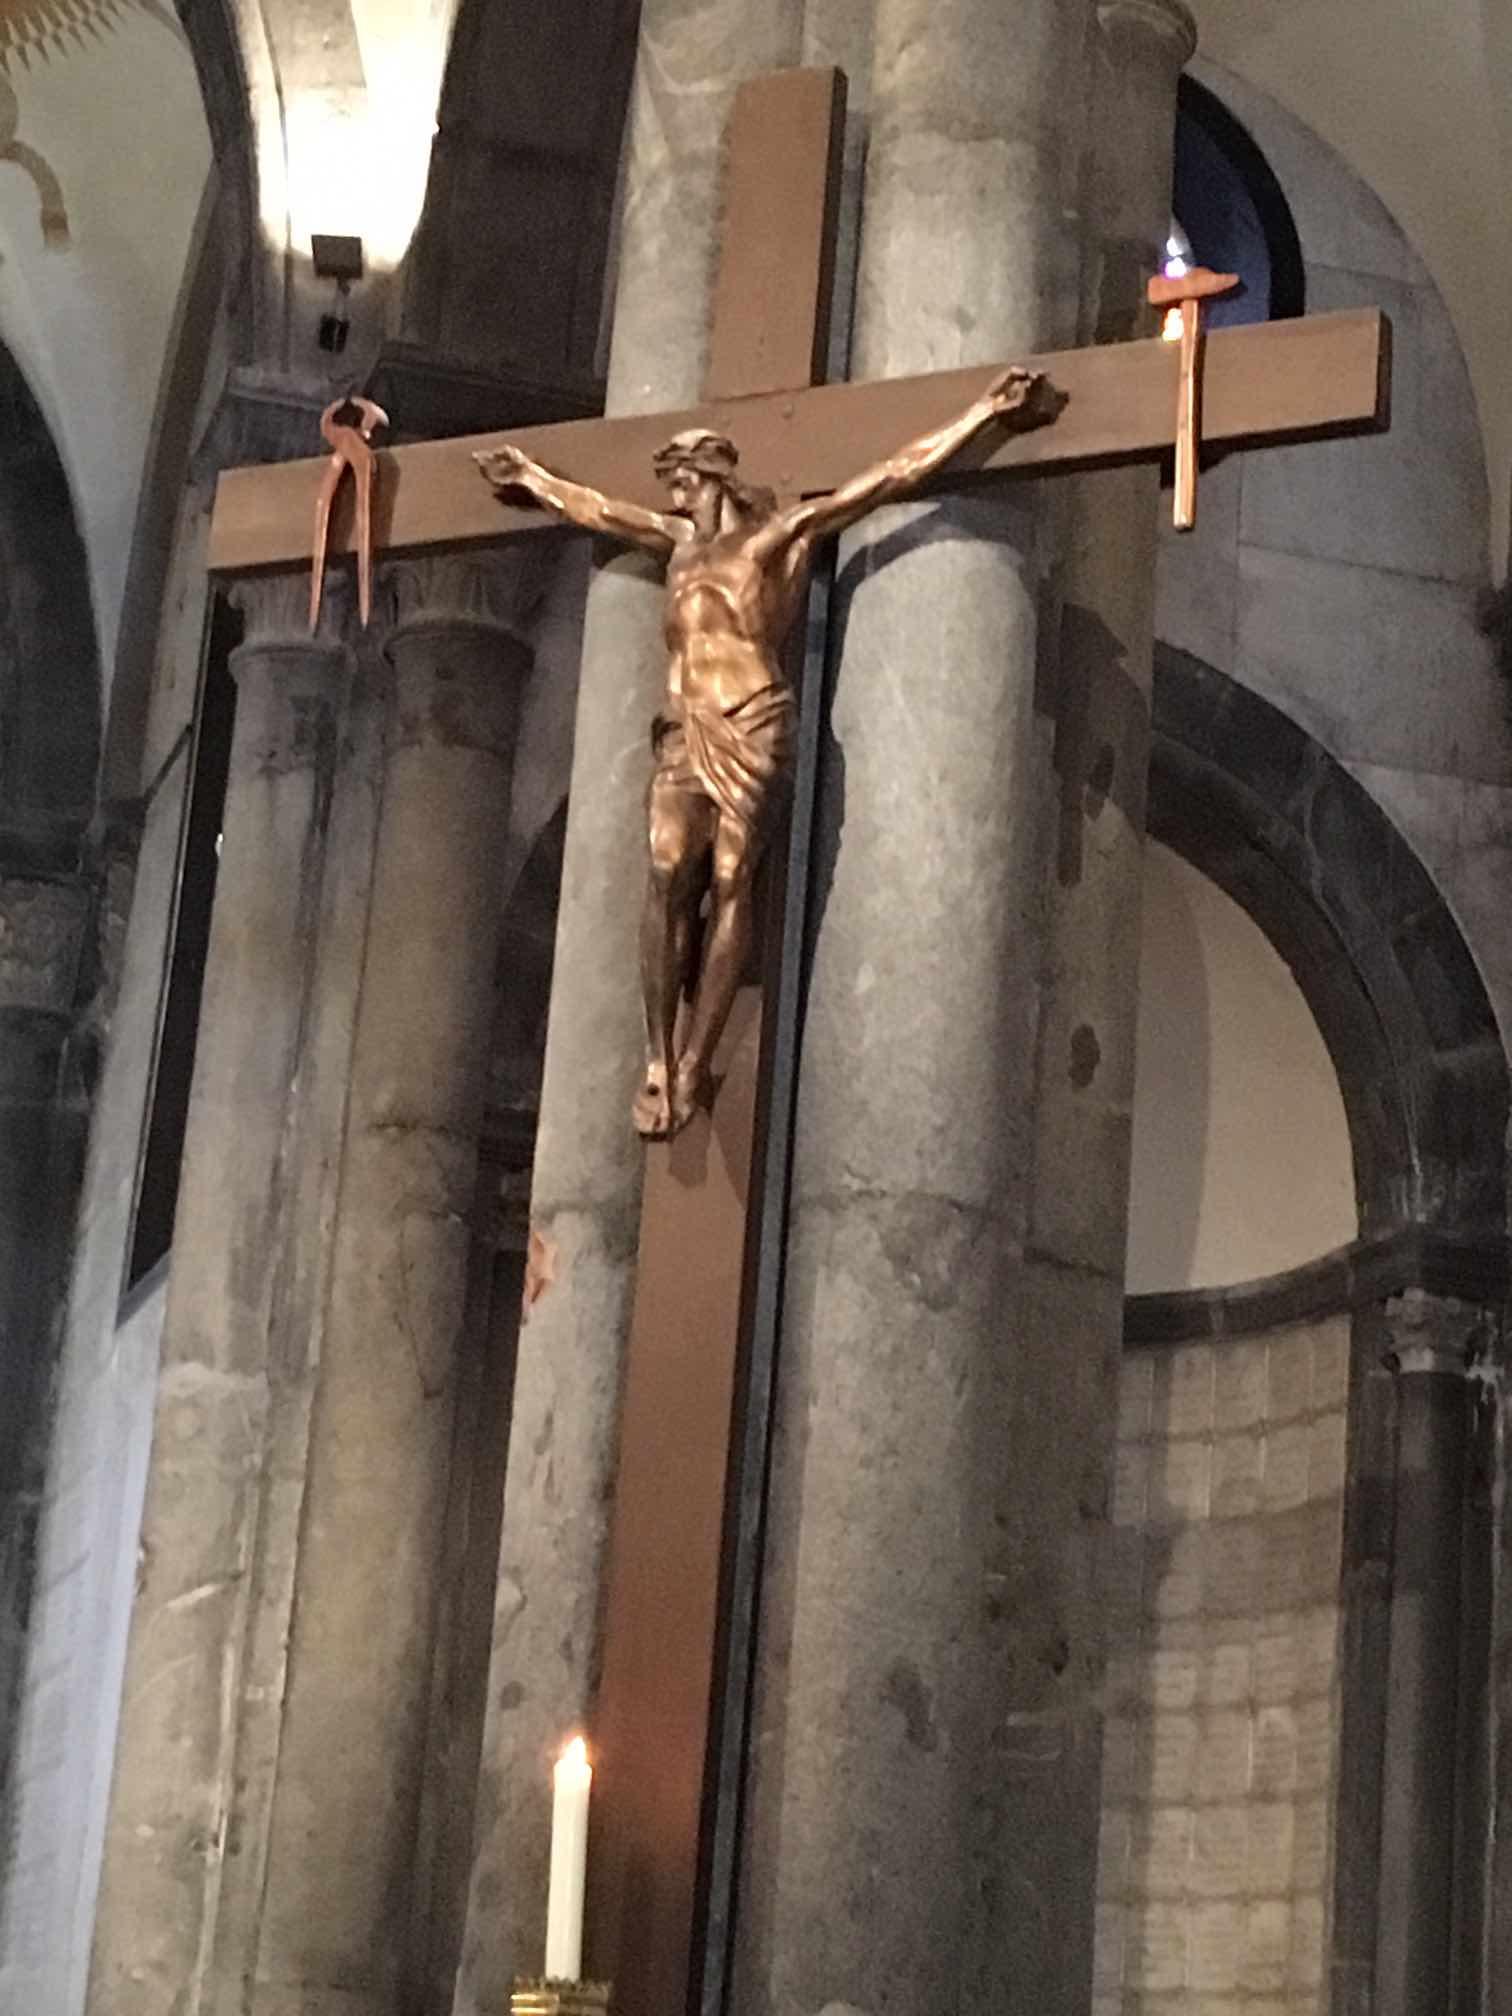 Con đường \u201eVia Dolorosa\u201c bên thành cổ Jerusalem, mà người Công giáo hành hương đến đó đều đi đến từng chặng để kính viếng tưởng niệm Chúa Giêsu Kitô.